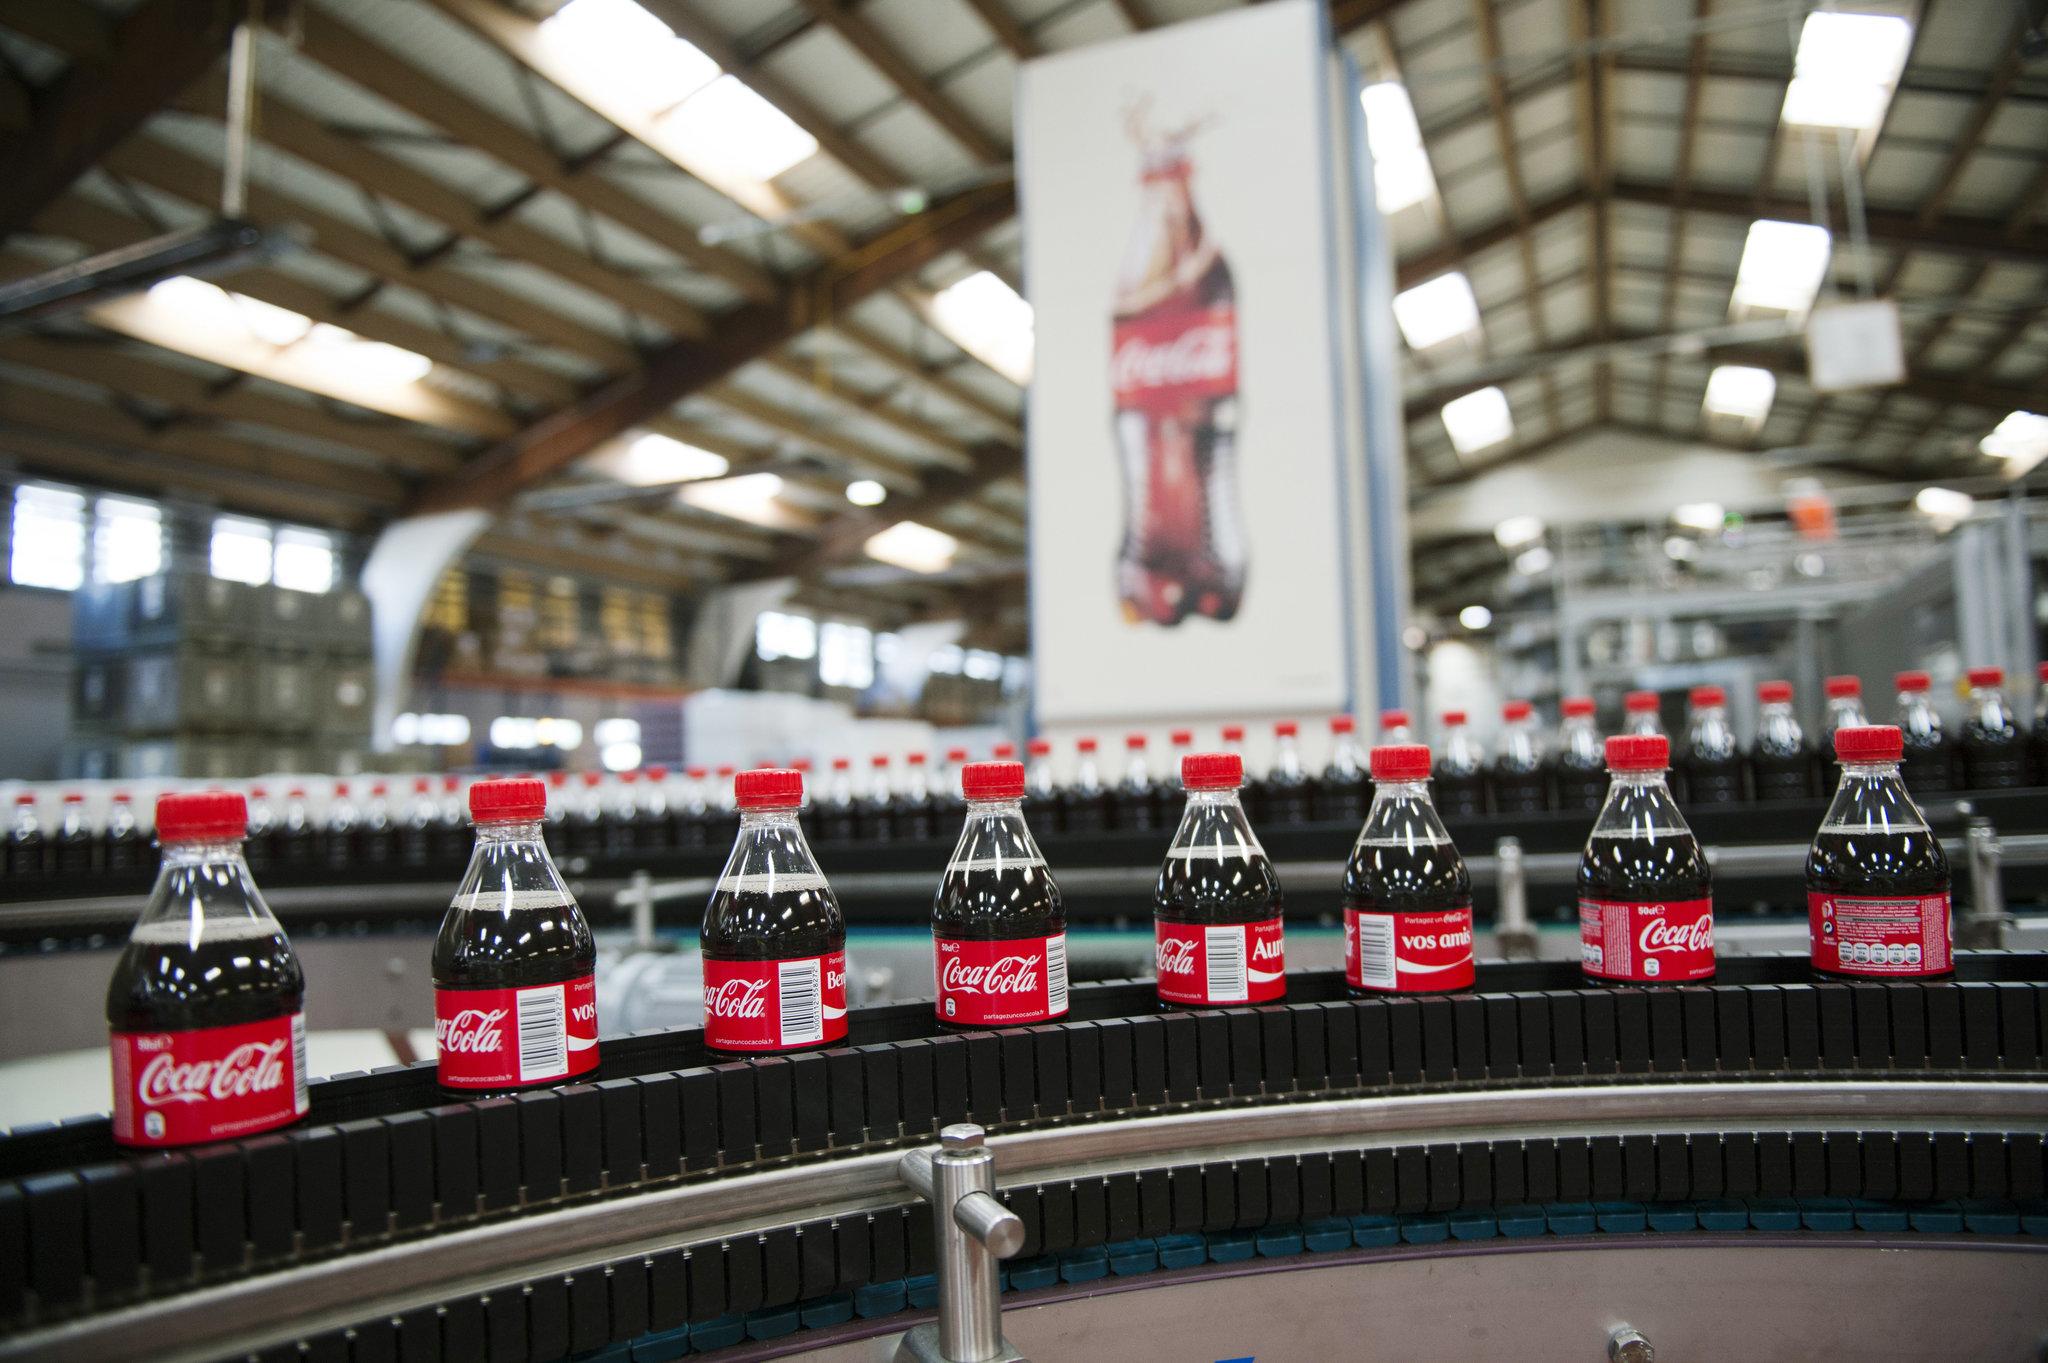 爱游戏深蓝胜利中标可口可乐意大利公司项目,成为中央空调胜利入驻世界500强的重要突破。